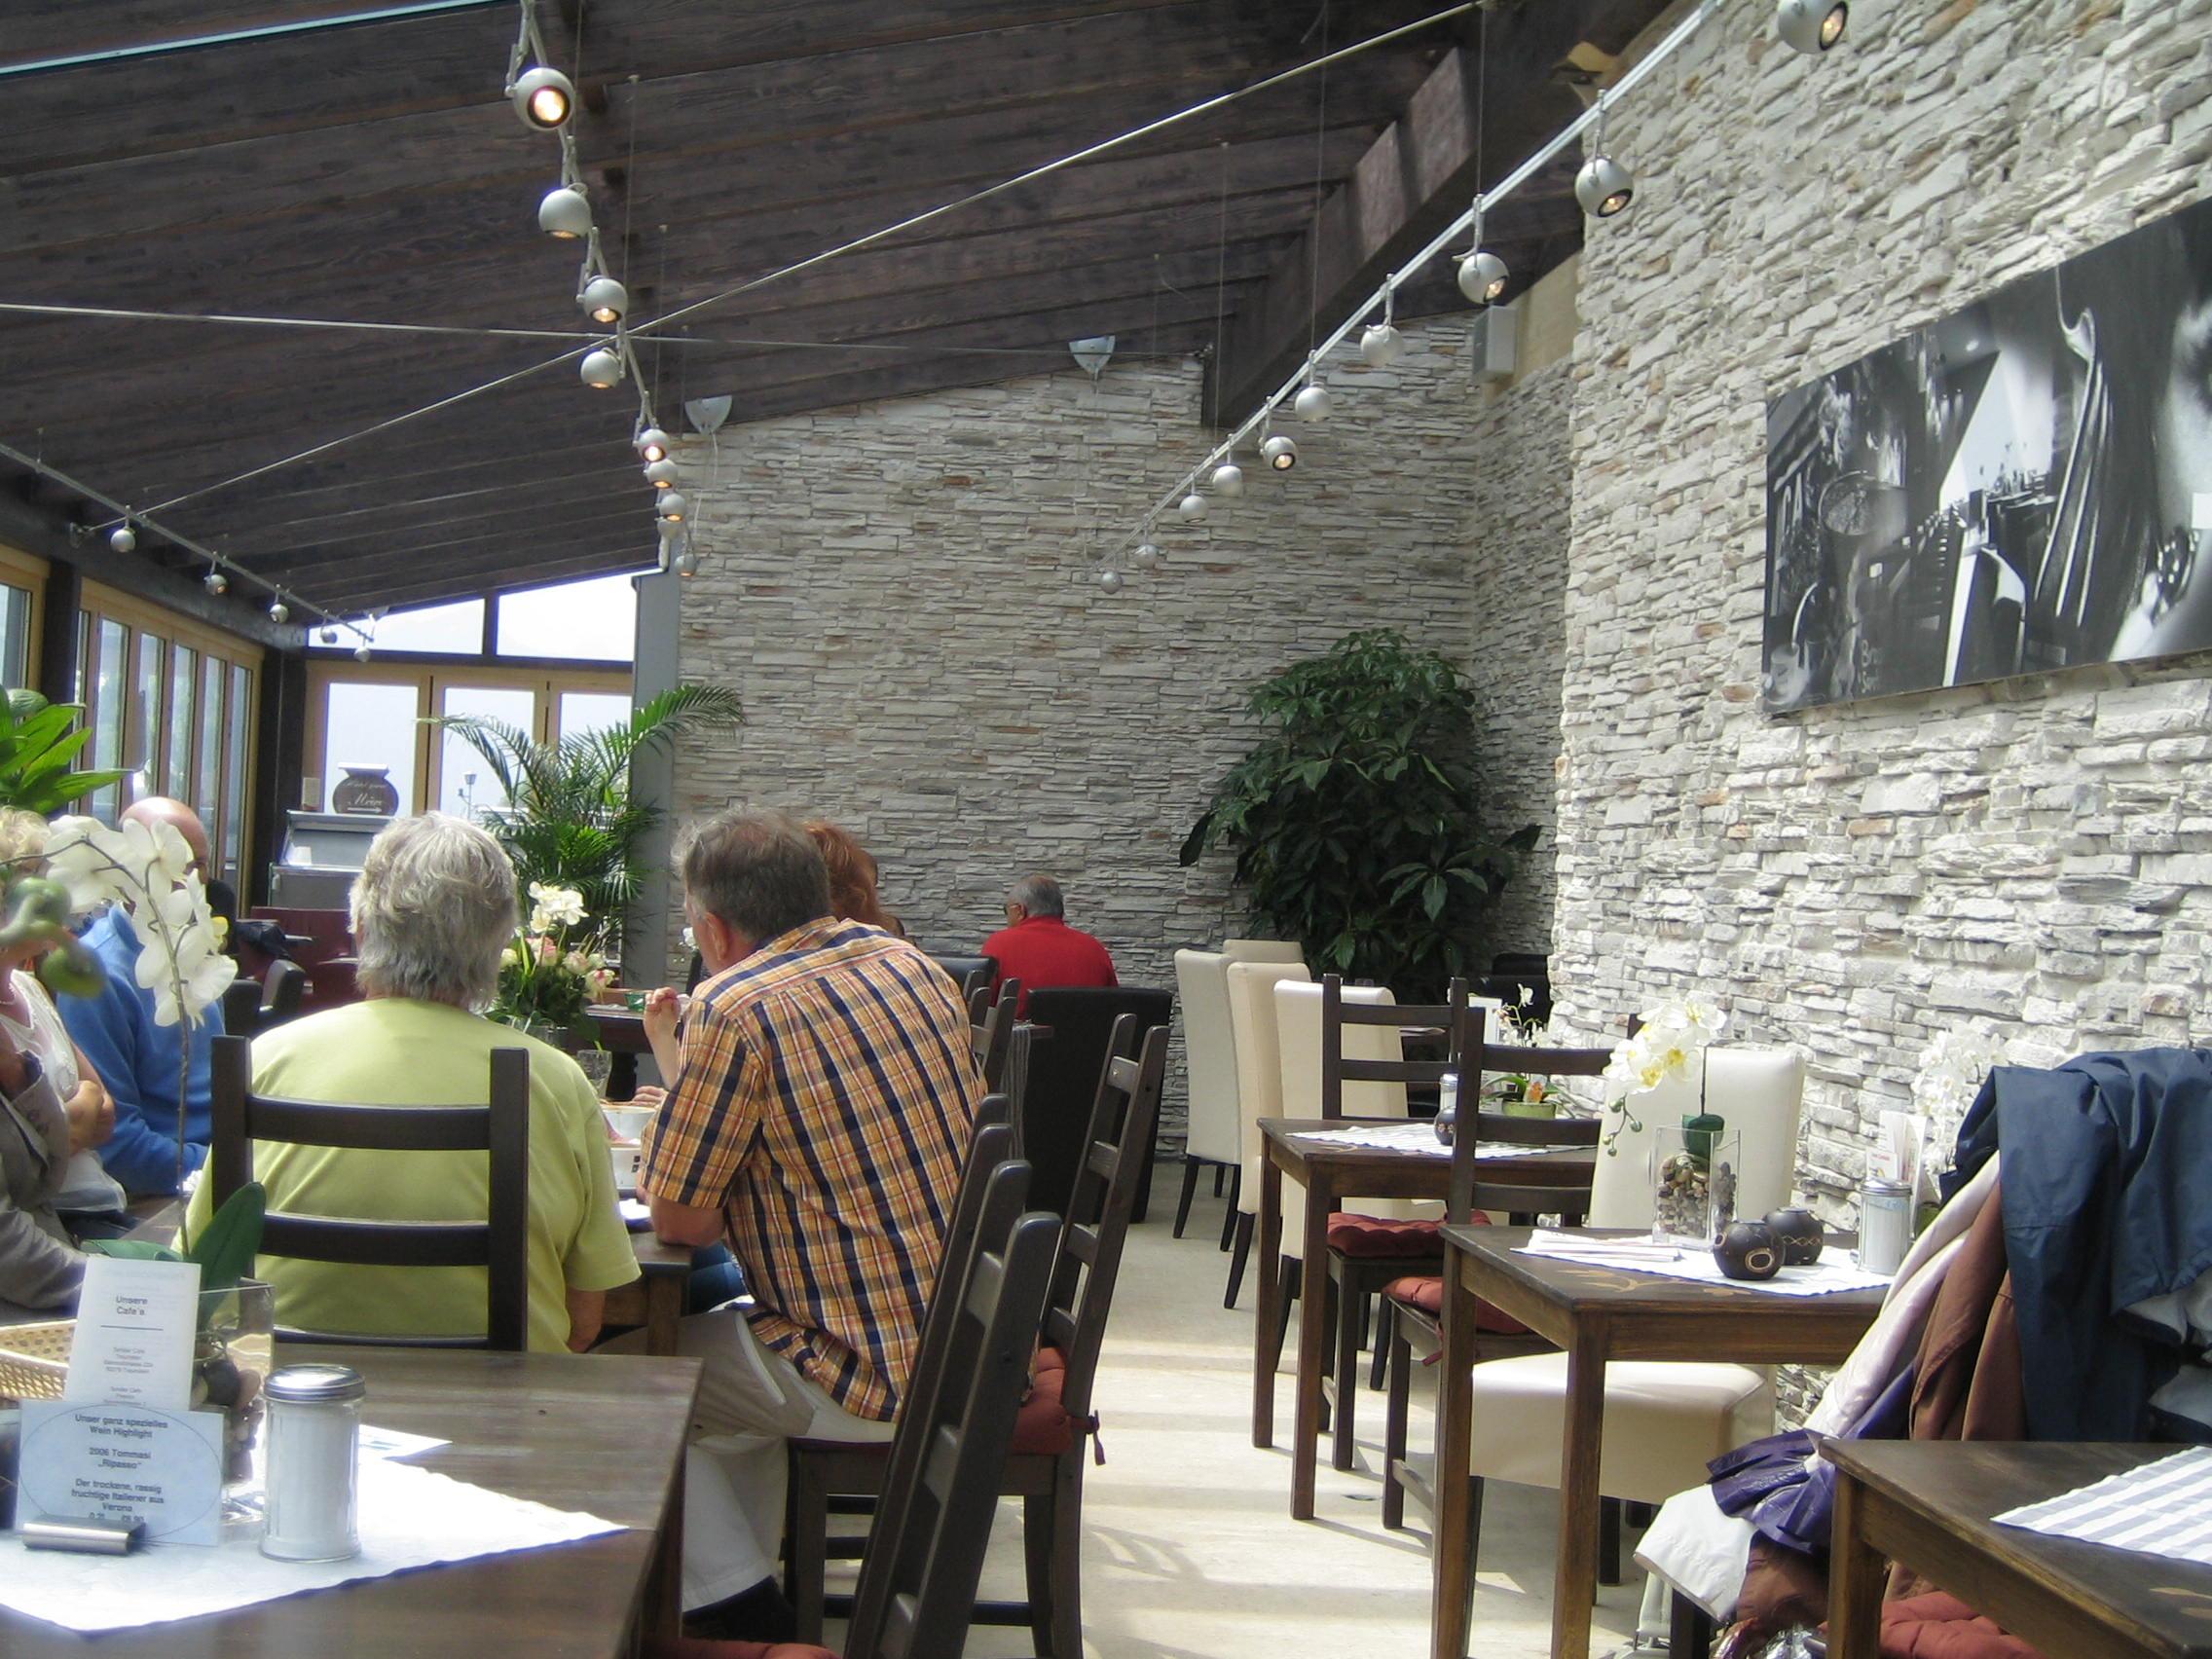 Hotelausbau creative gestaltung im hotelbereich ladenbau - Wohnzimmer bar traunstein ...